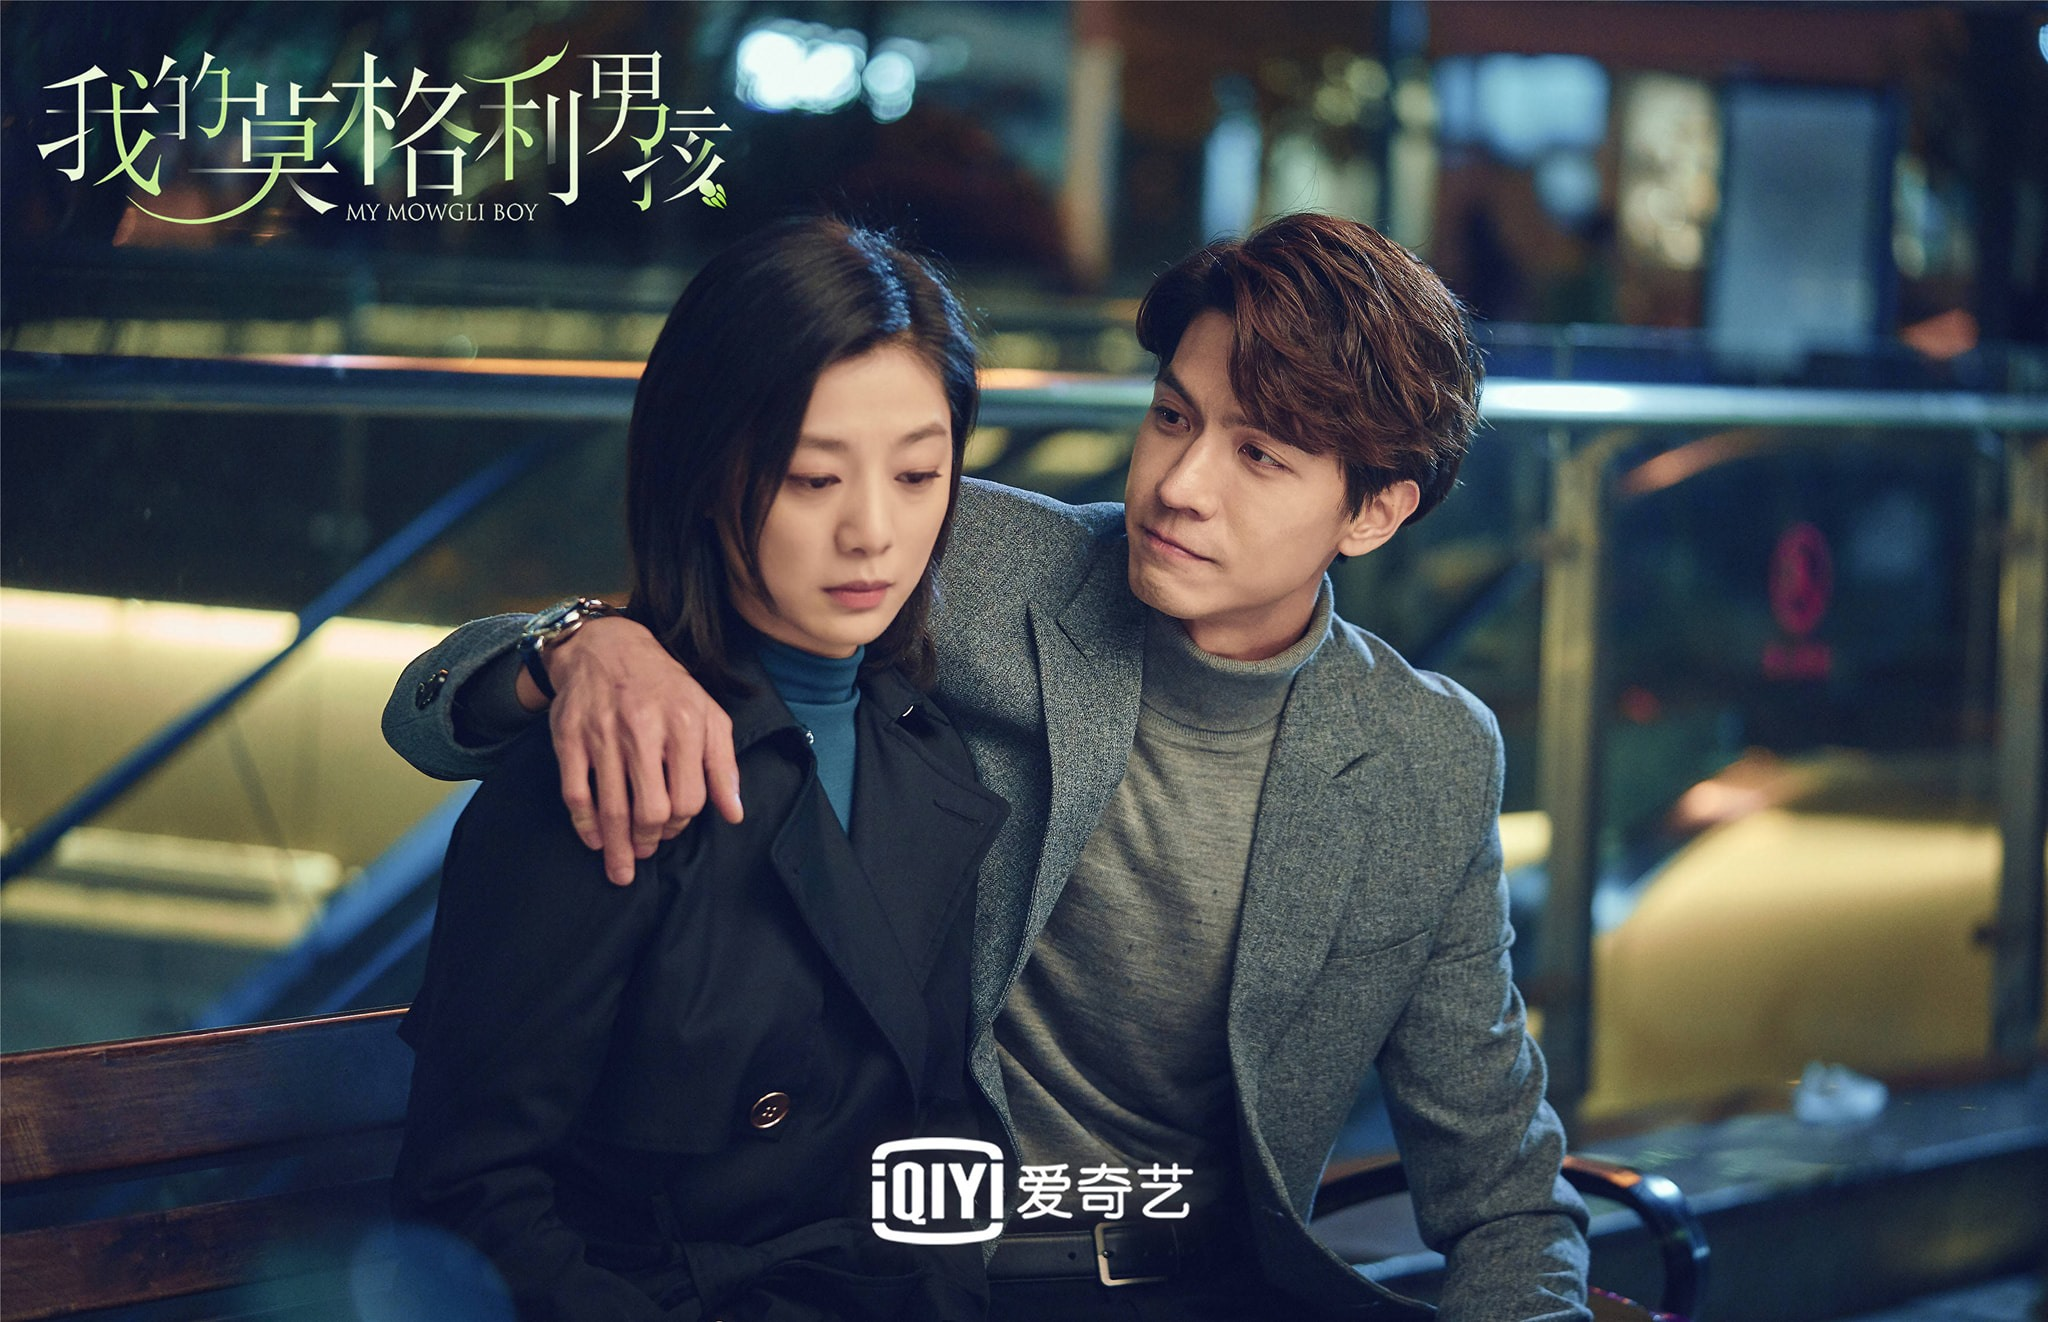 'Chàng trai Mặc Cách Ly của tôi' tung trailer hài hước, Dương Tử - Mã Thiên Vũ đẹp đôi 9